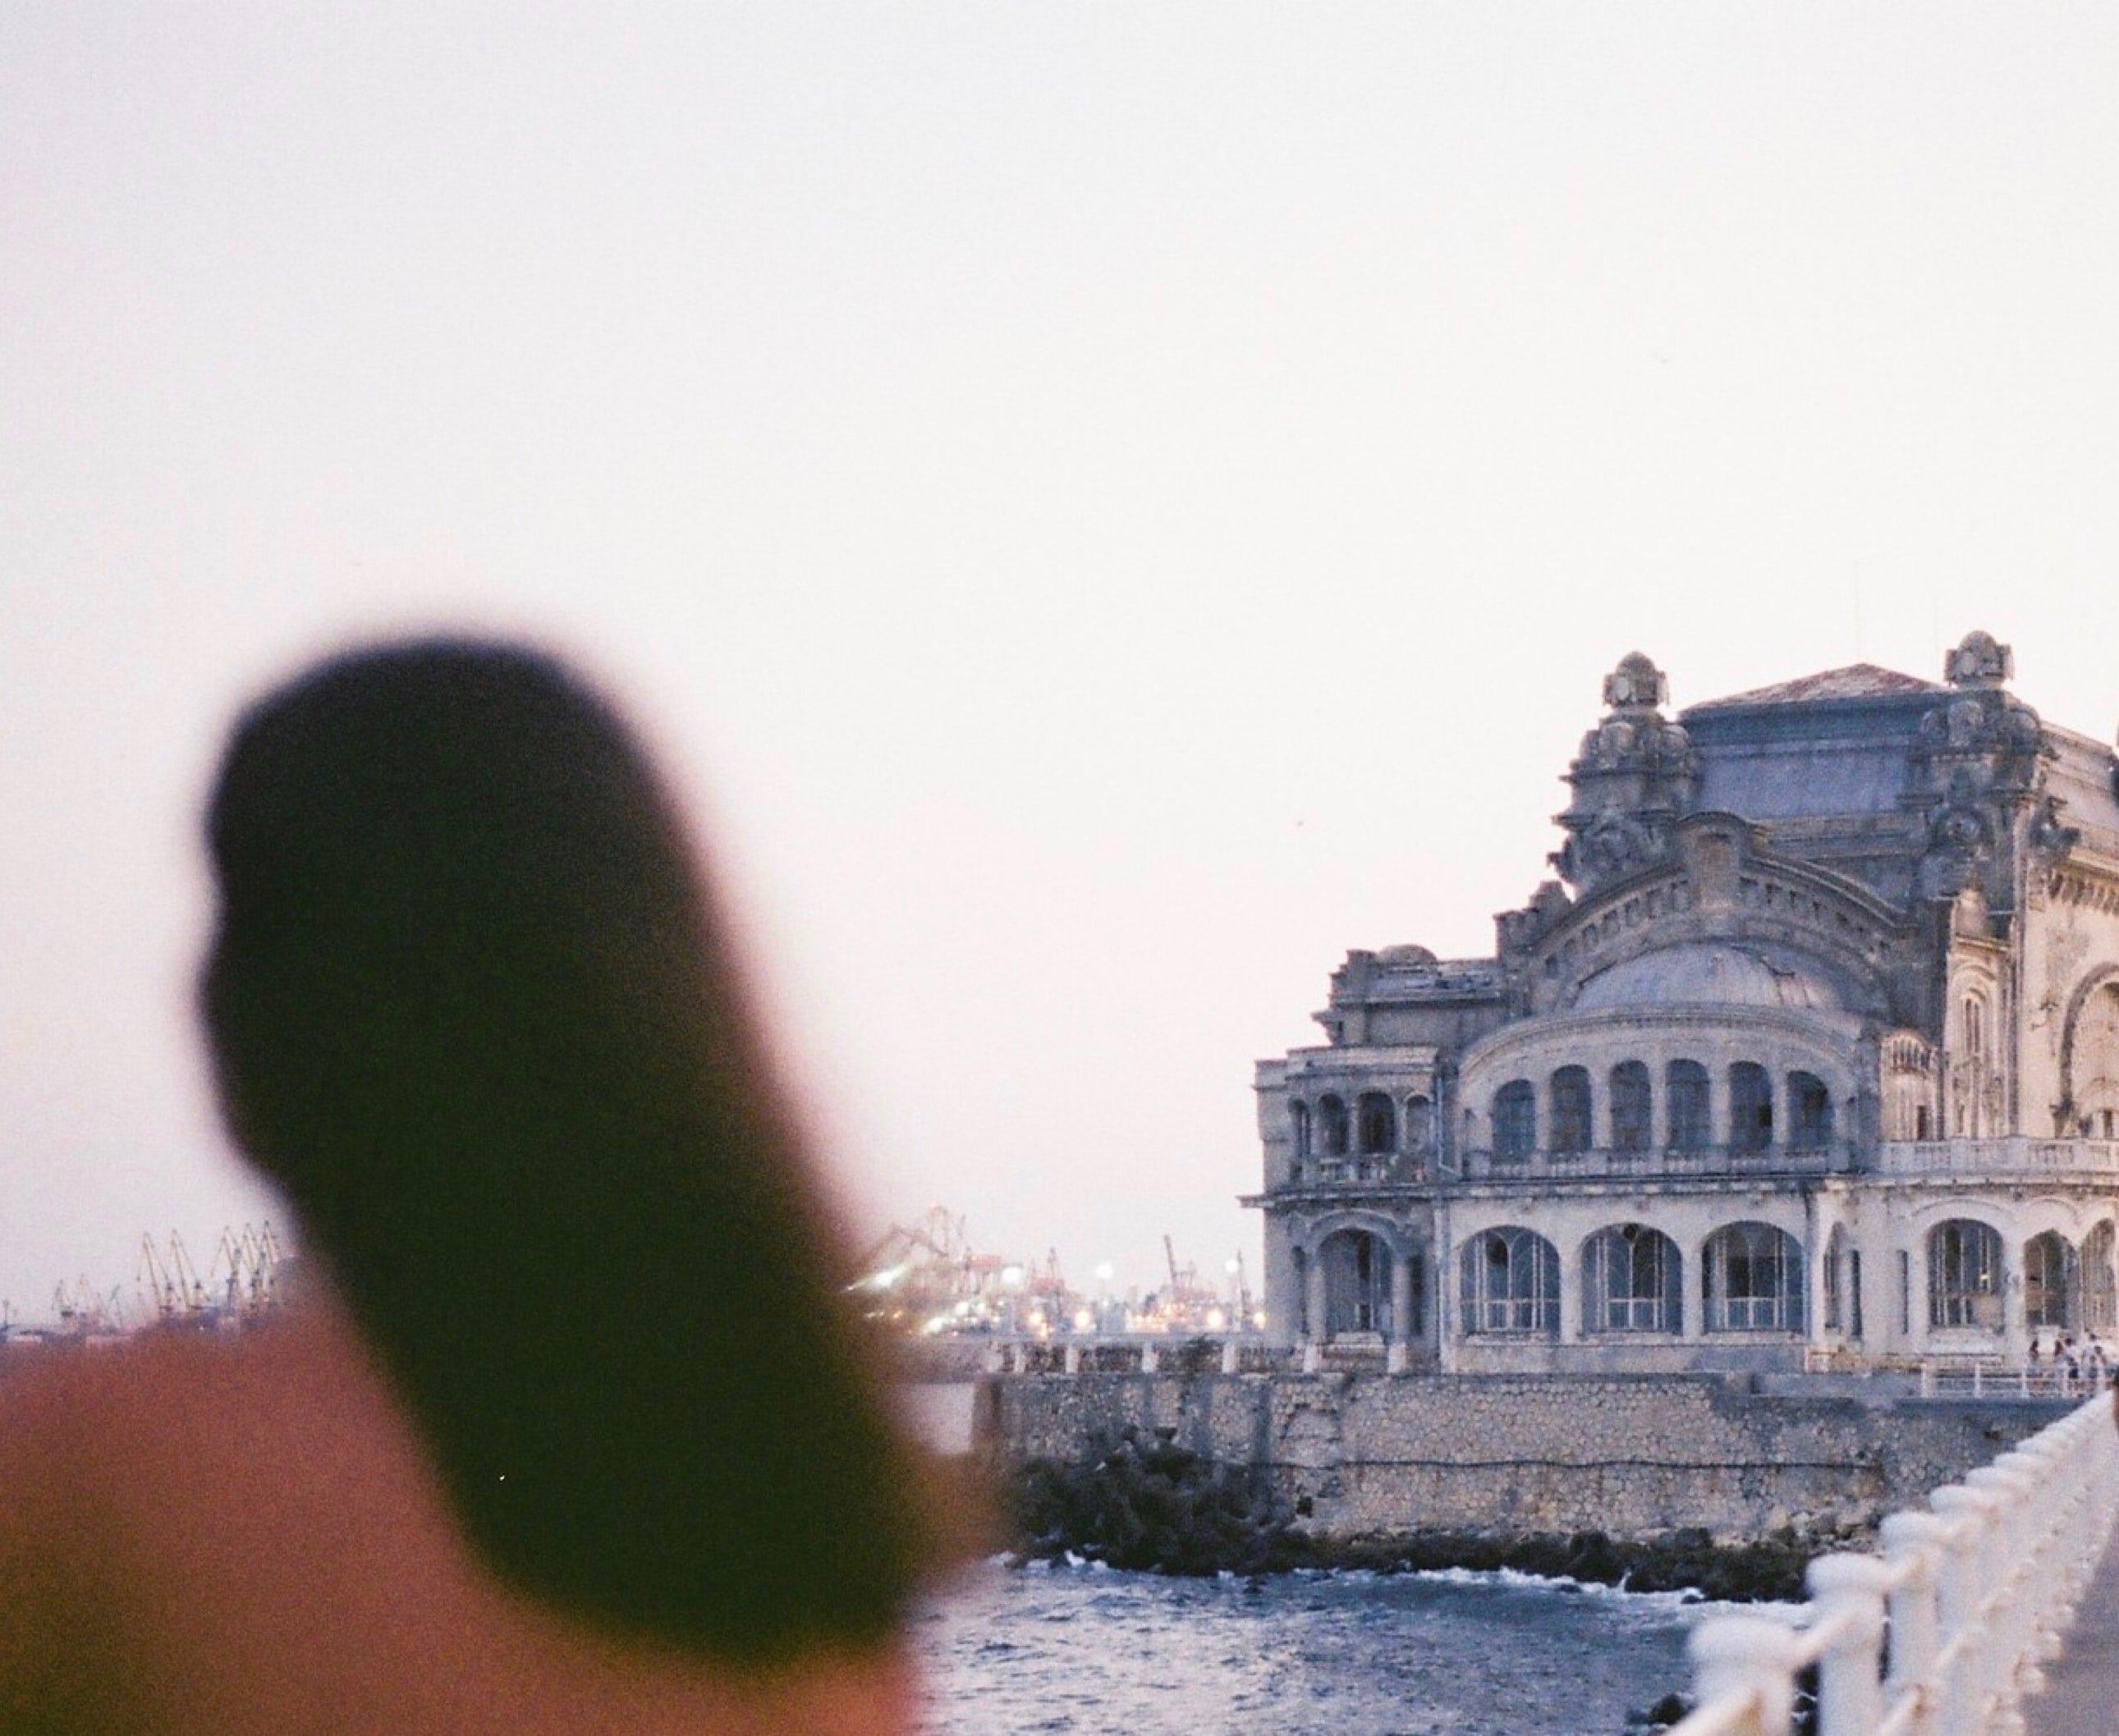 TOP 5 obiective turistice din Centrul Vechi Constanta pentru o vizita completa pe litoral